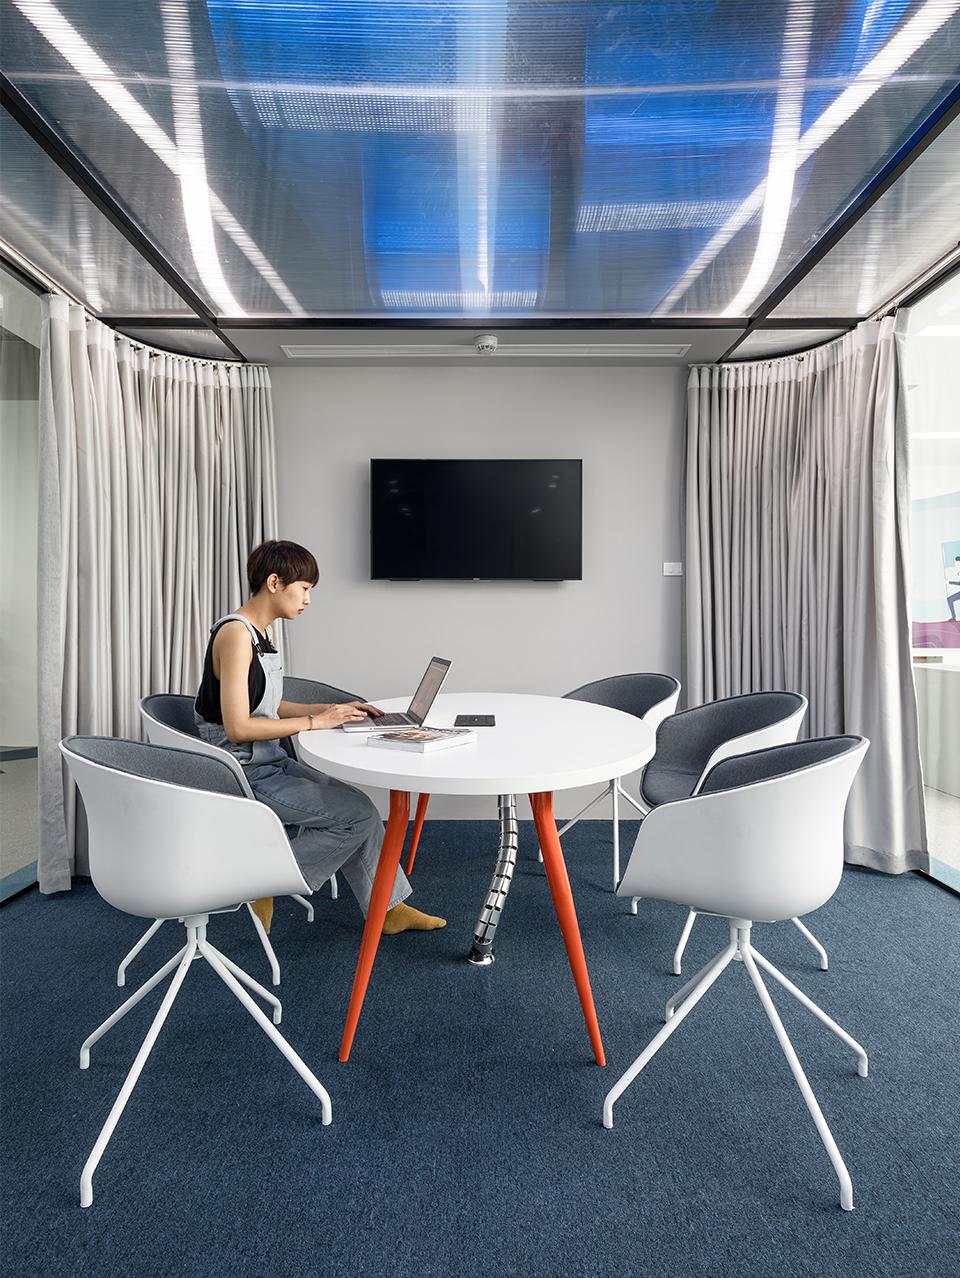 Khu vực phòng họp nhỏ với vách ngăn kính vừa đảm bảo tính riêng tư bảo mật, vừa đảm bảo thẩm mỹ và tính mở của không gian tại văn phòng công ty DLS